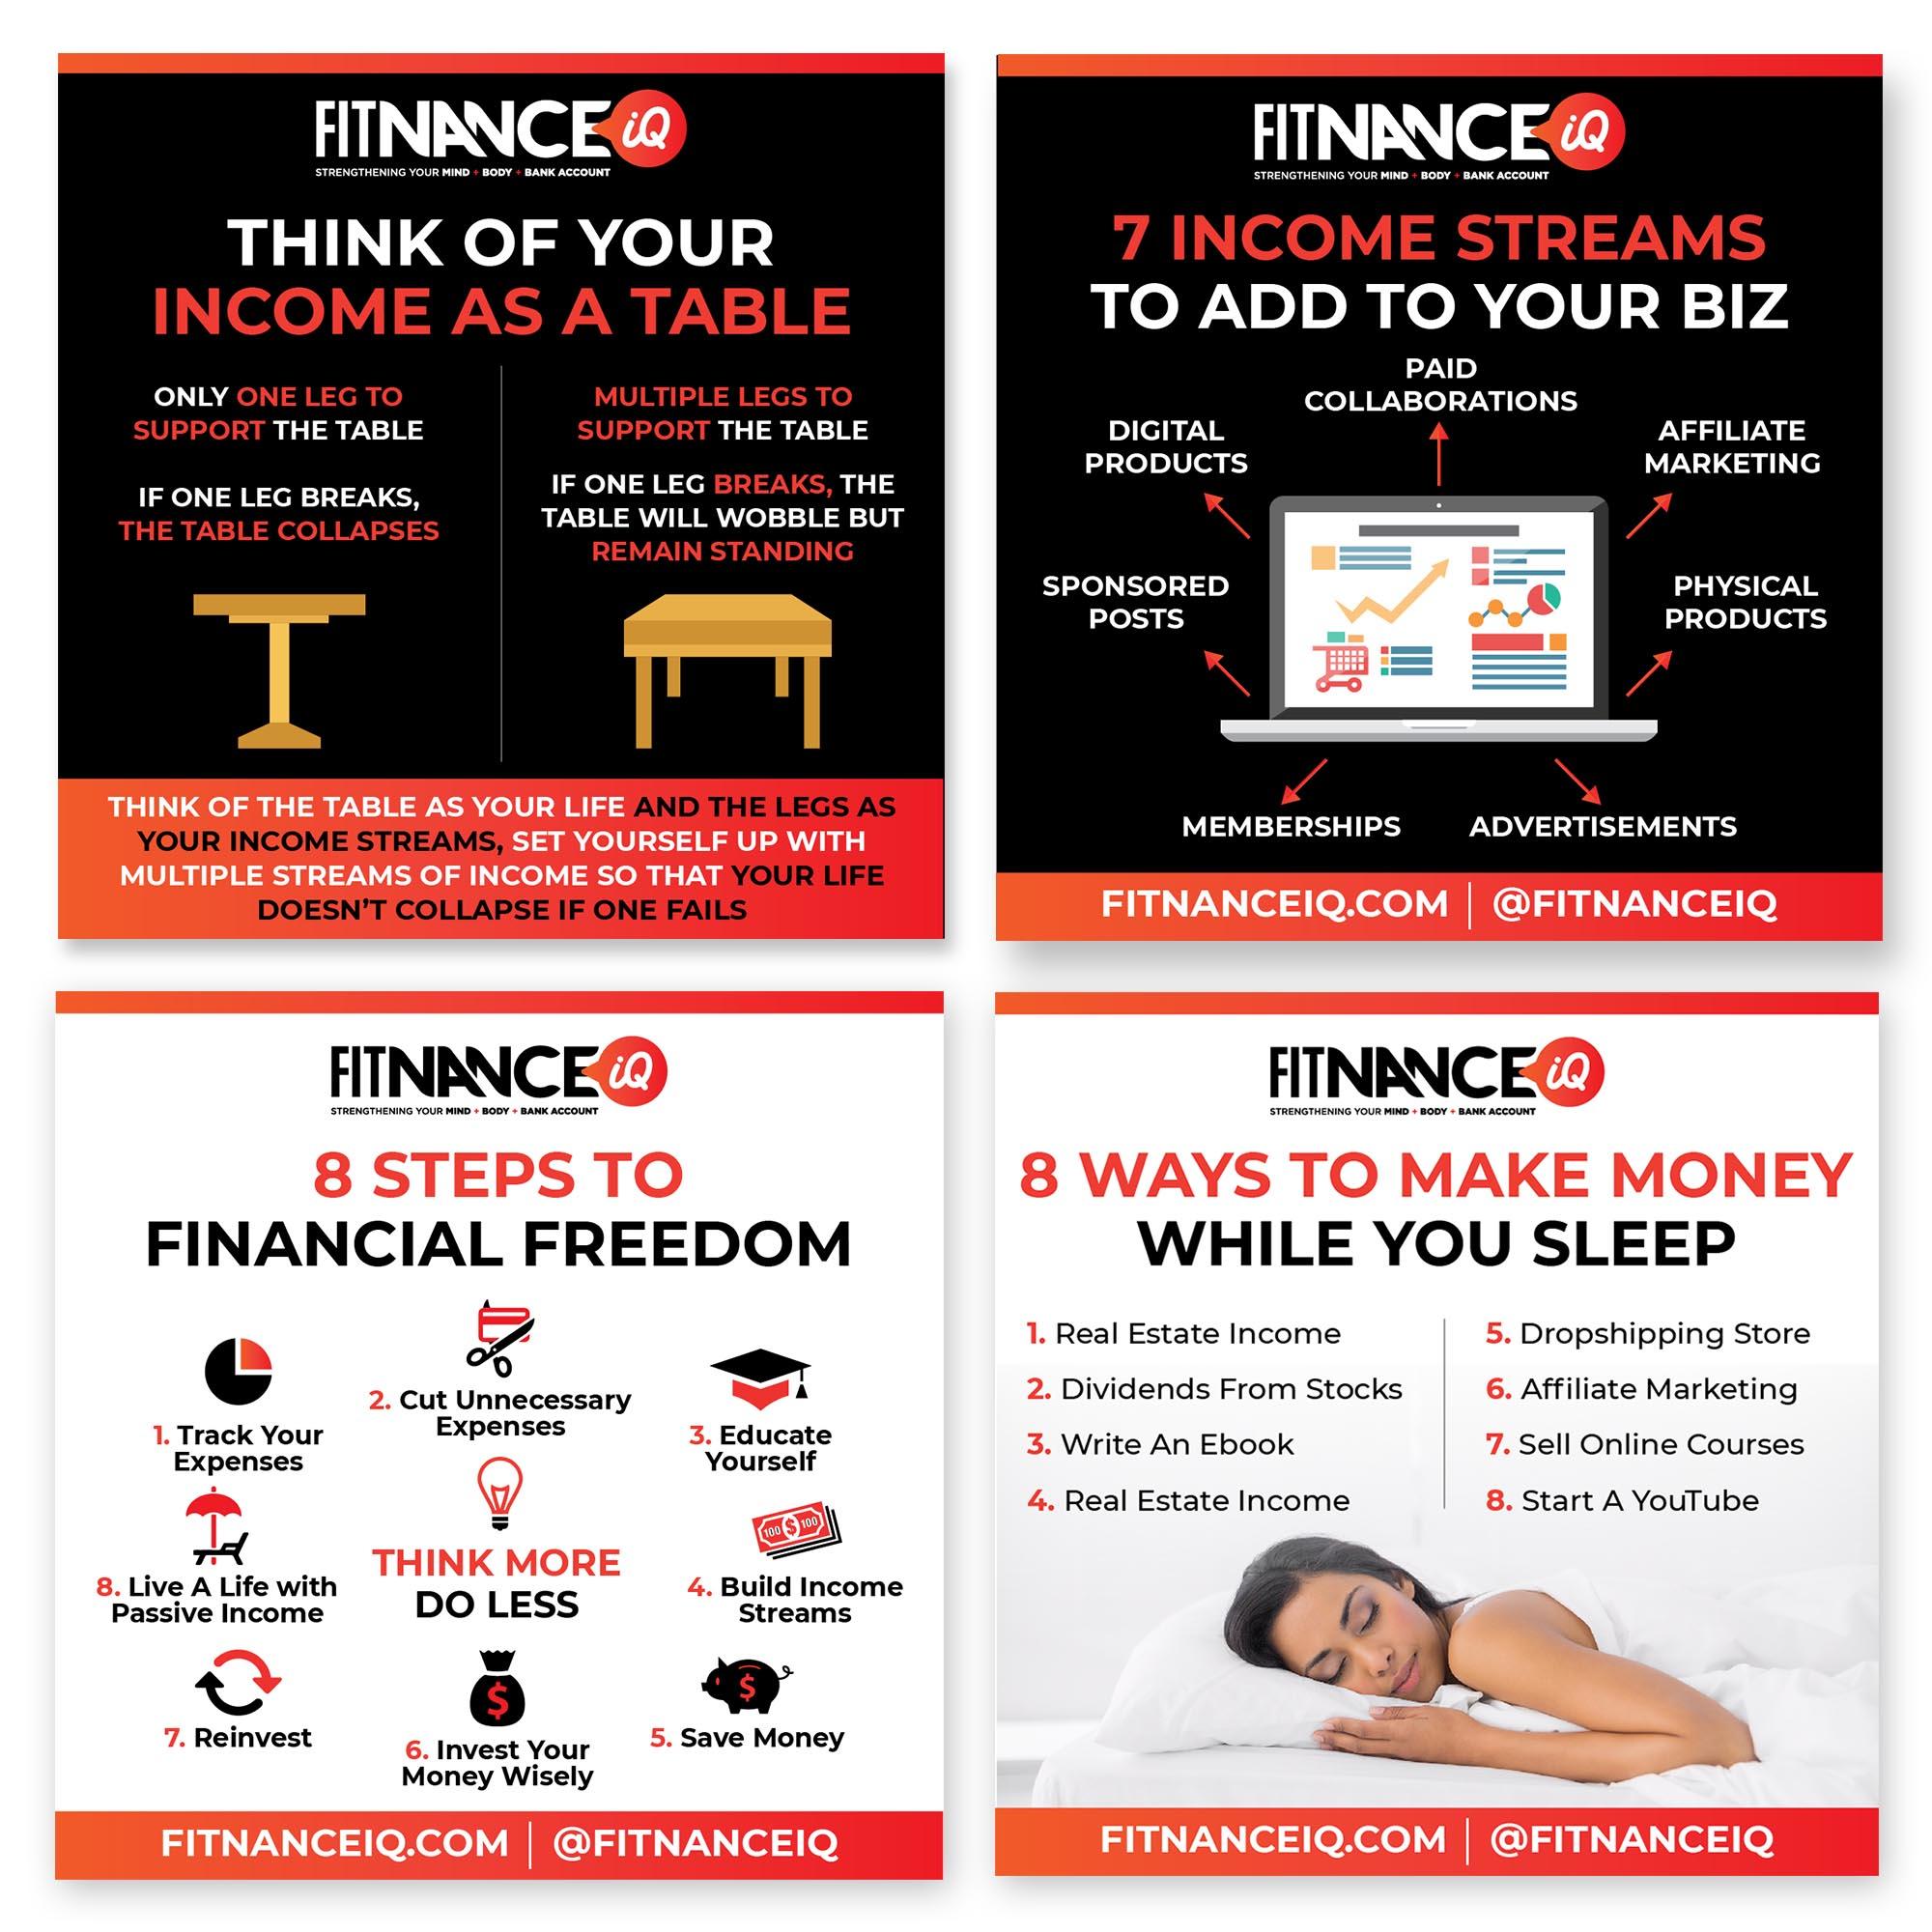 FitnanceIQ - Social Media Marketing